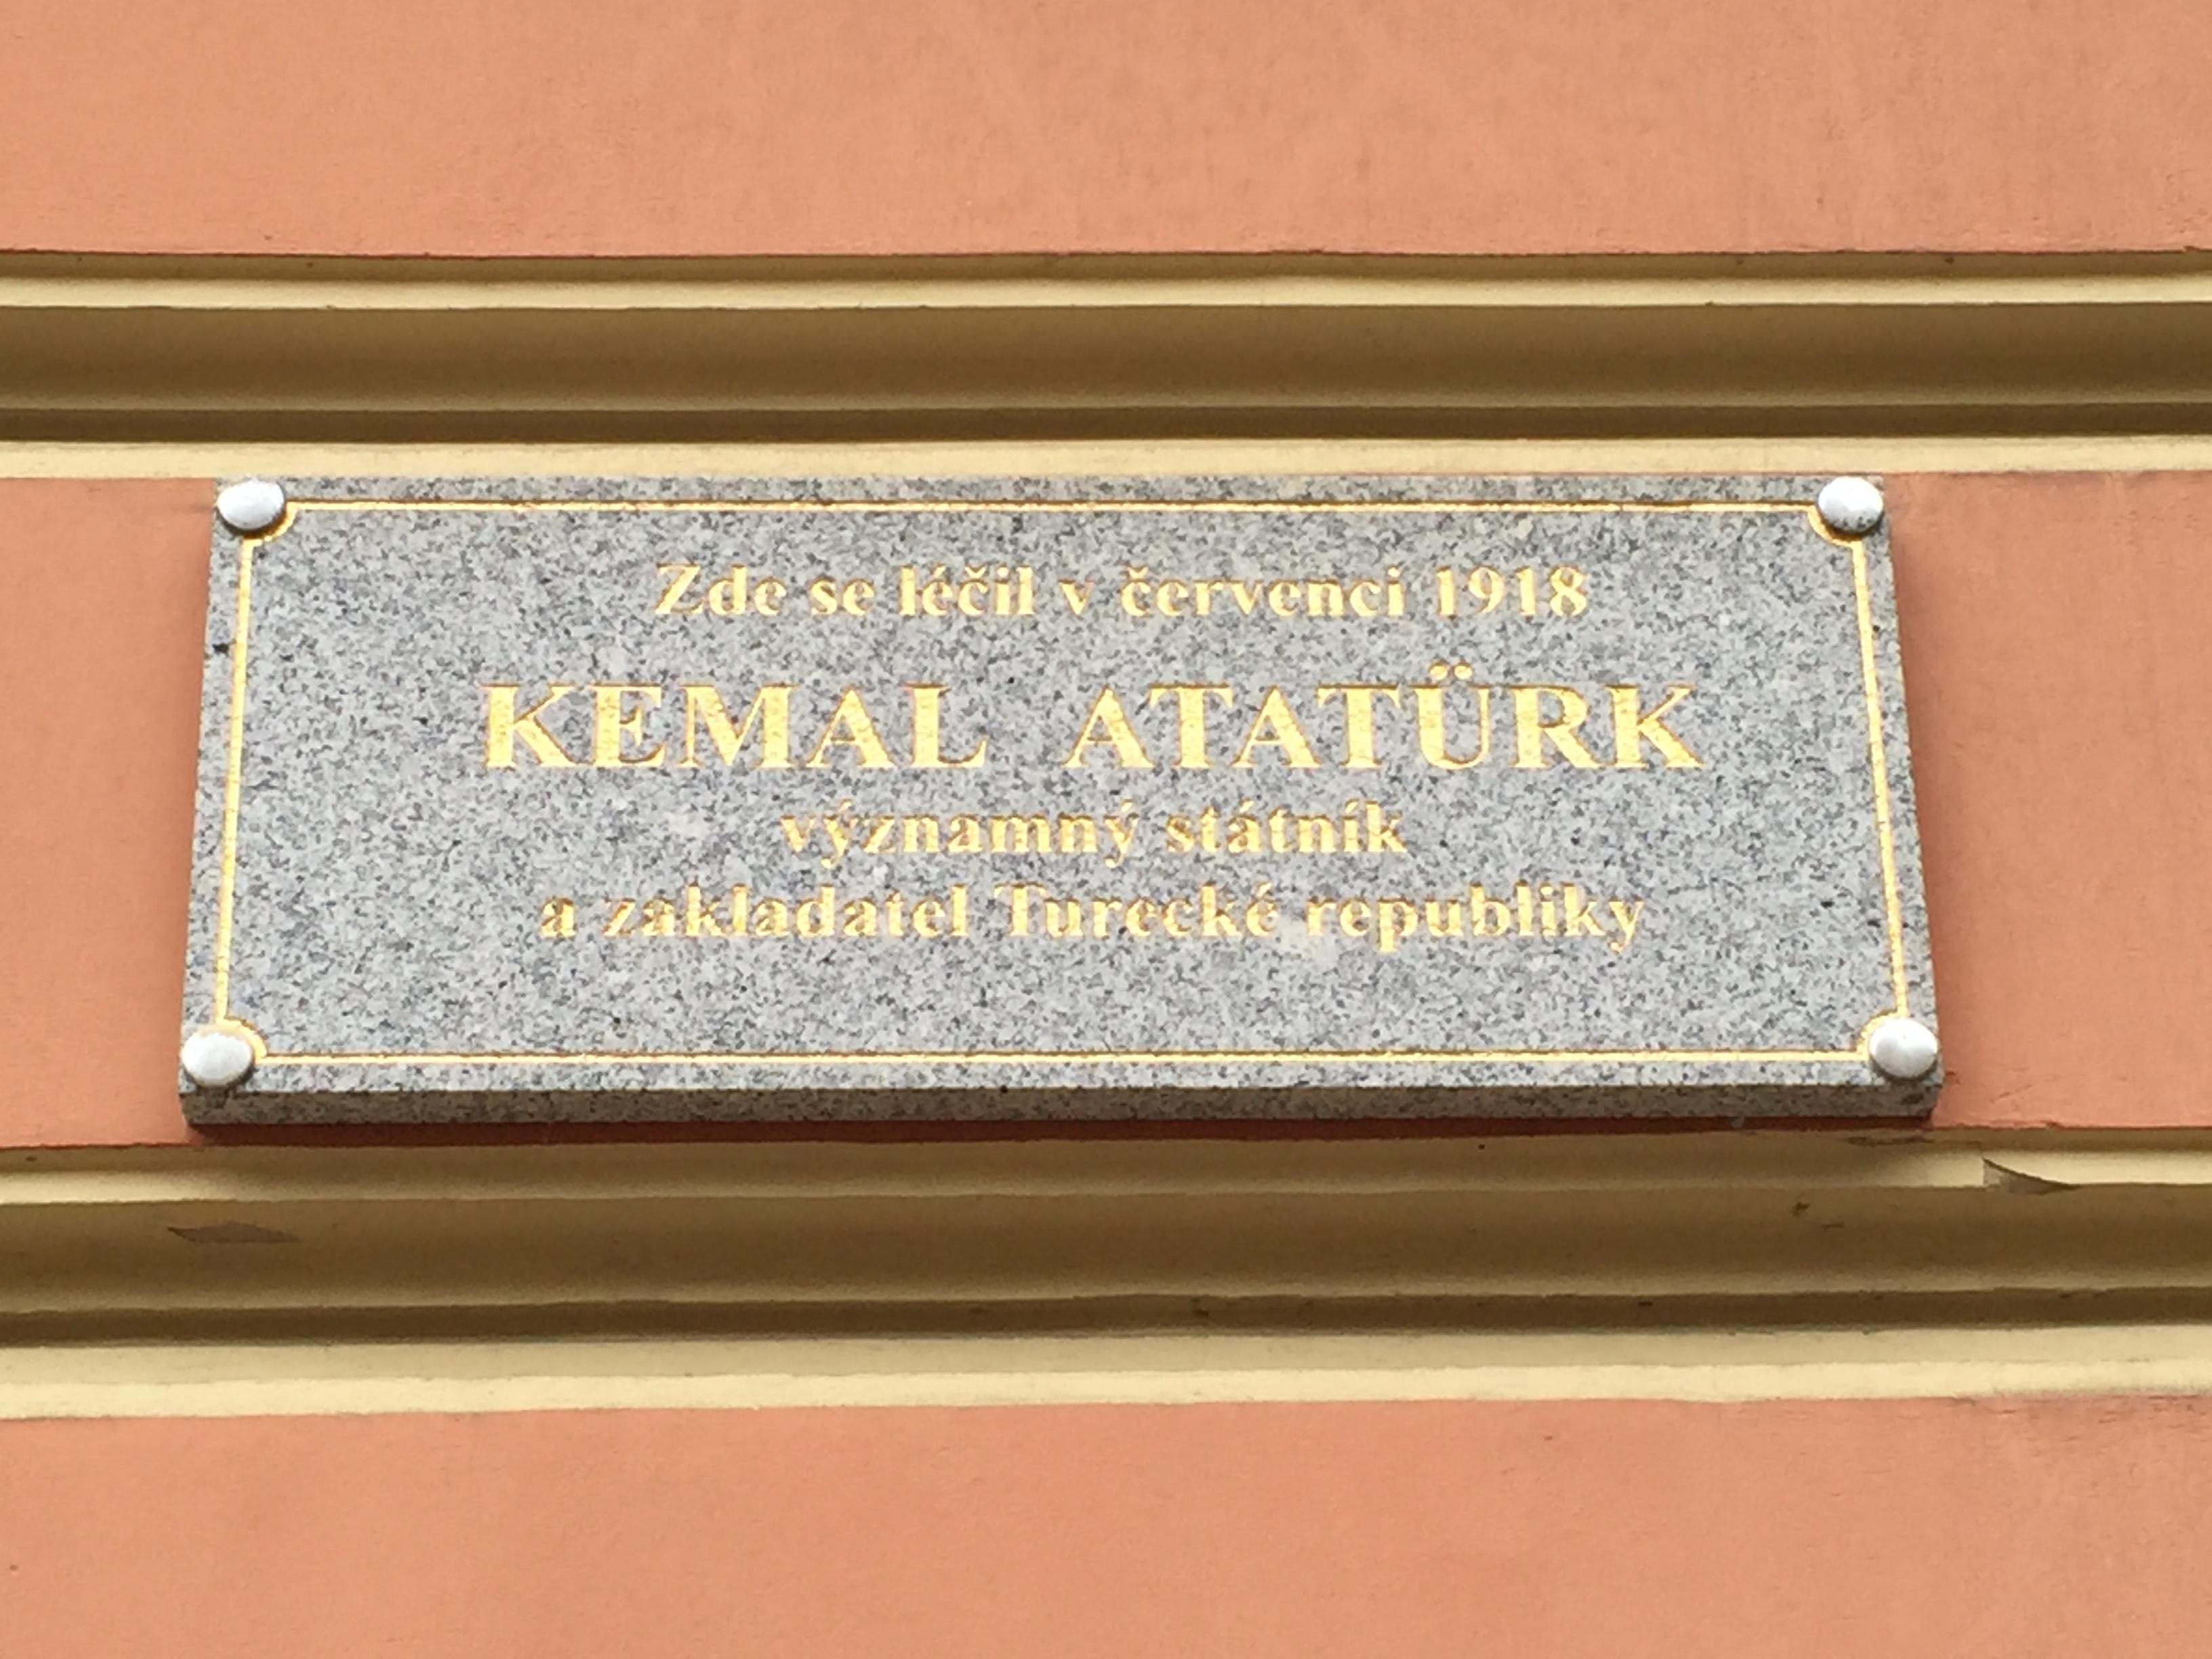 Atatürk'ün burada kaldığını yazan tabela